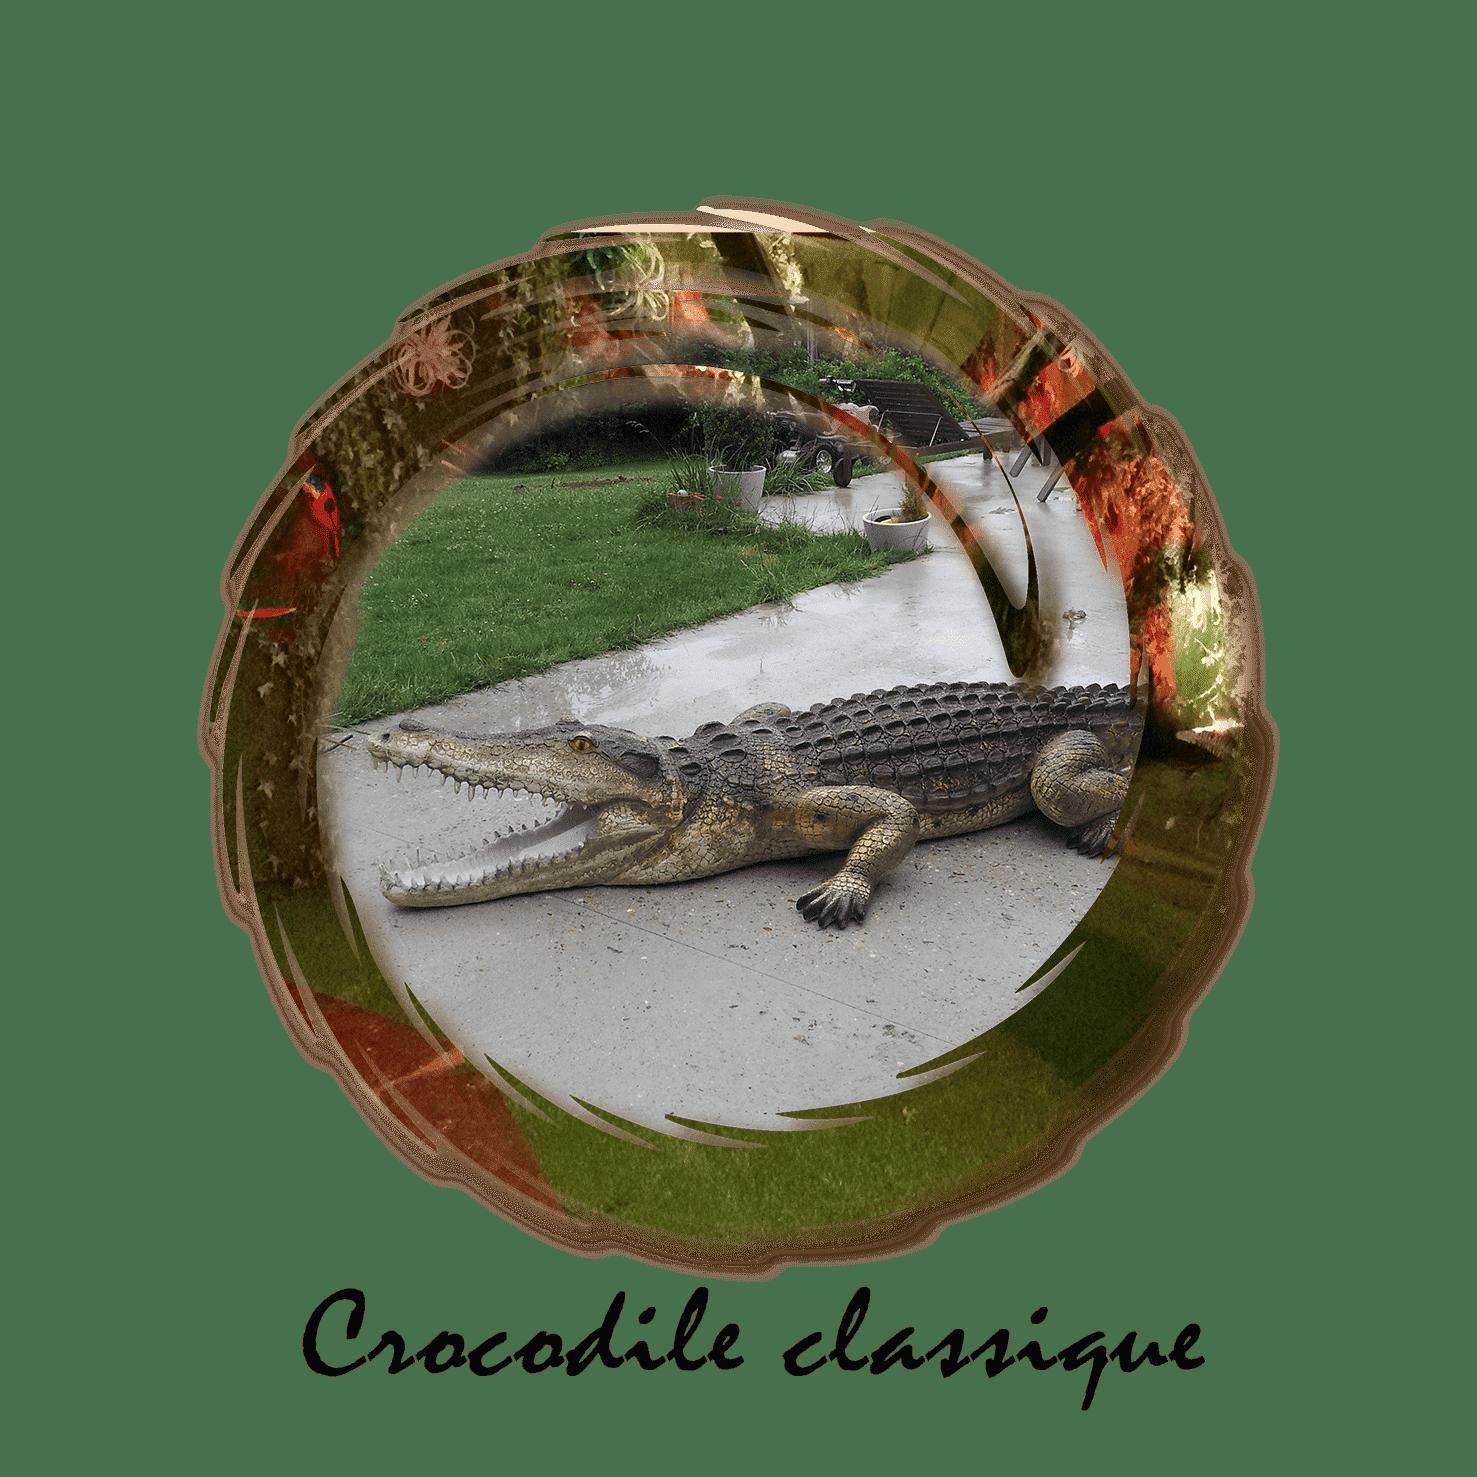 crocodile classique